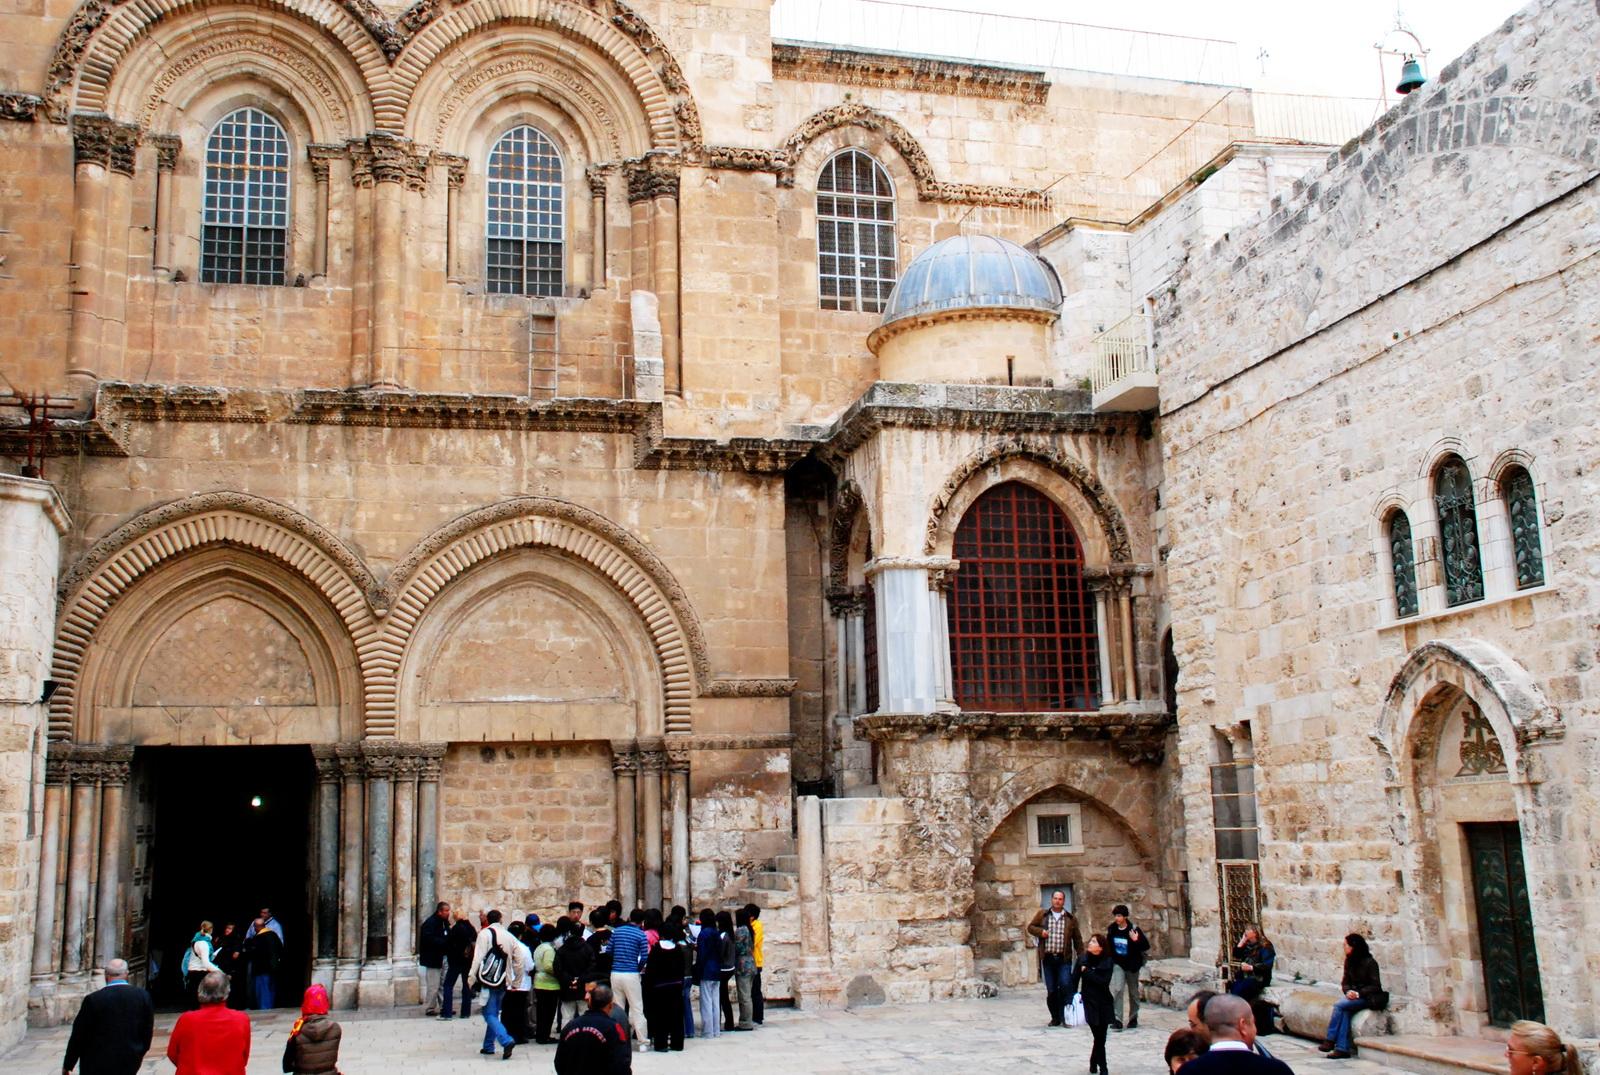 כנסיית הקבר - חזית המבנה